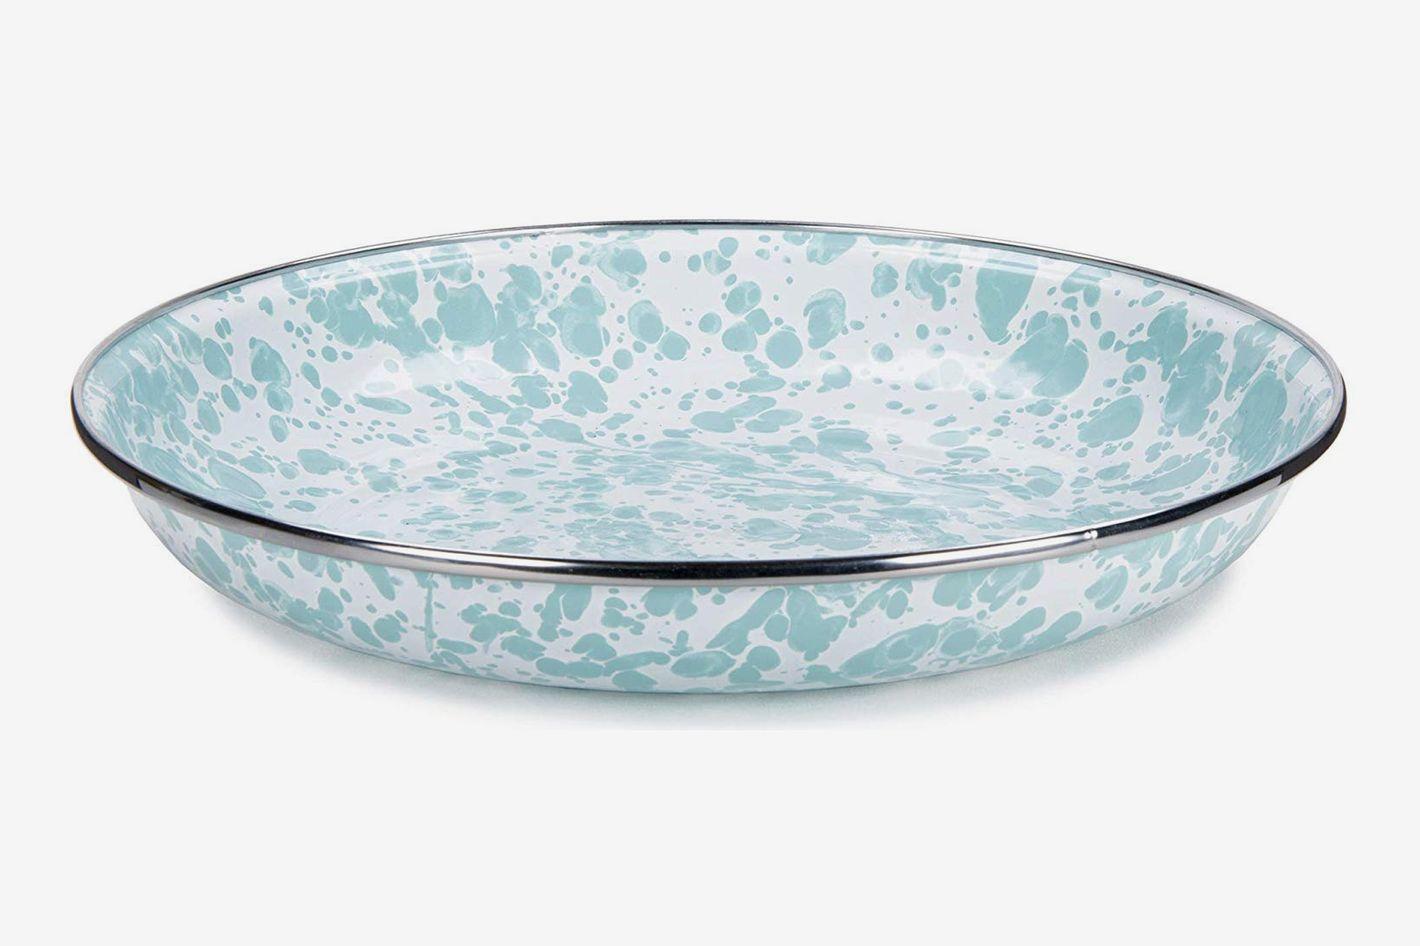 Golden Rabbit Enamelware - Sea Glass Swirl Pattern - 10 Inch Pasta Plate